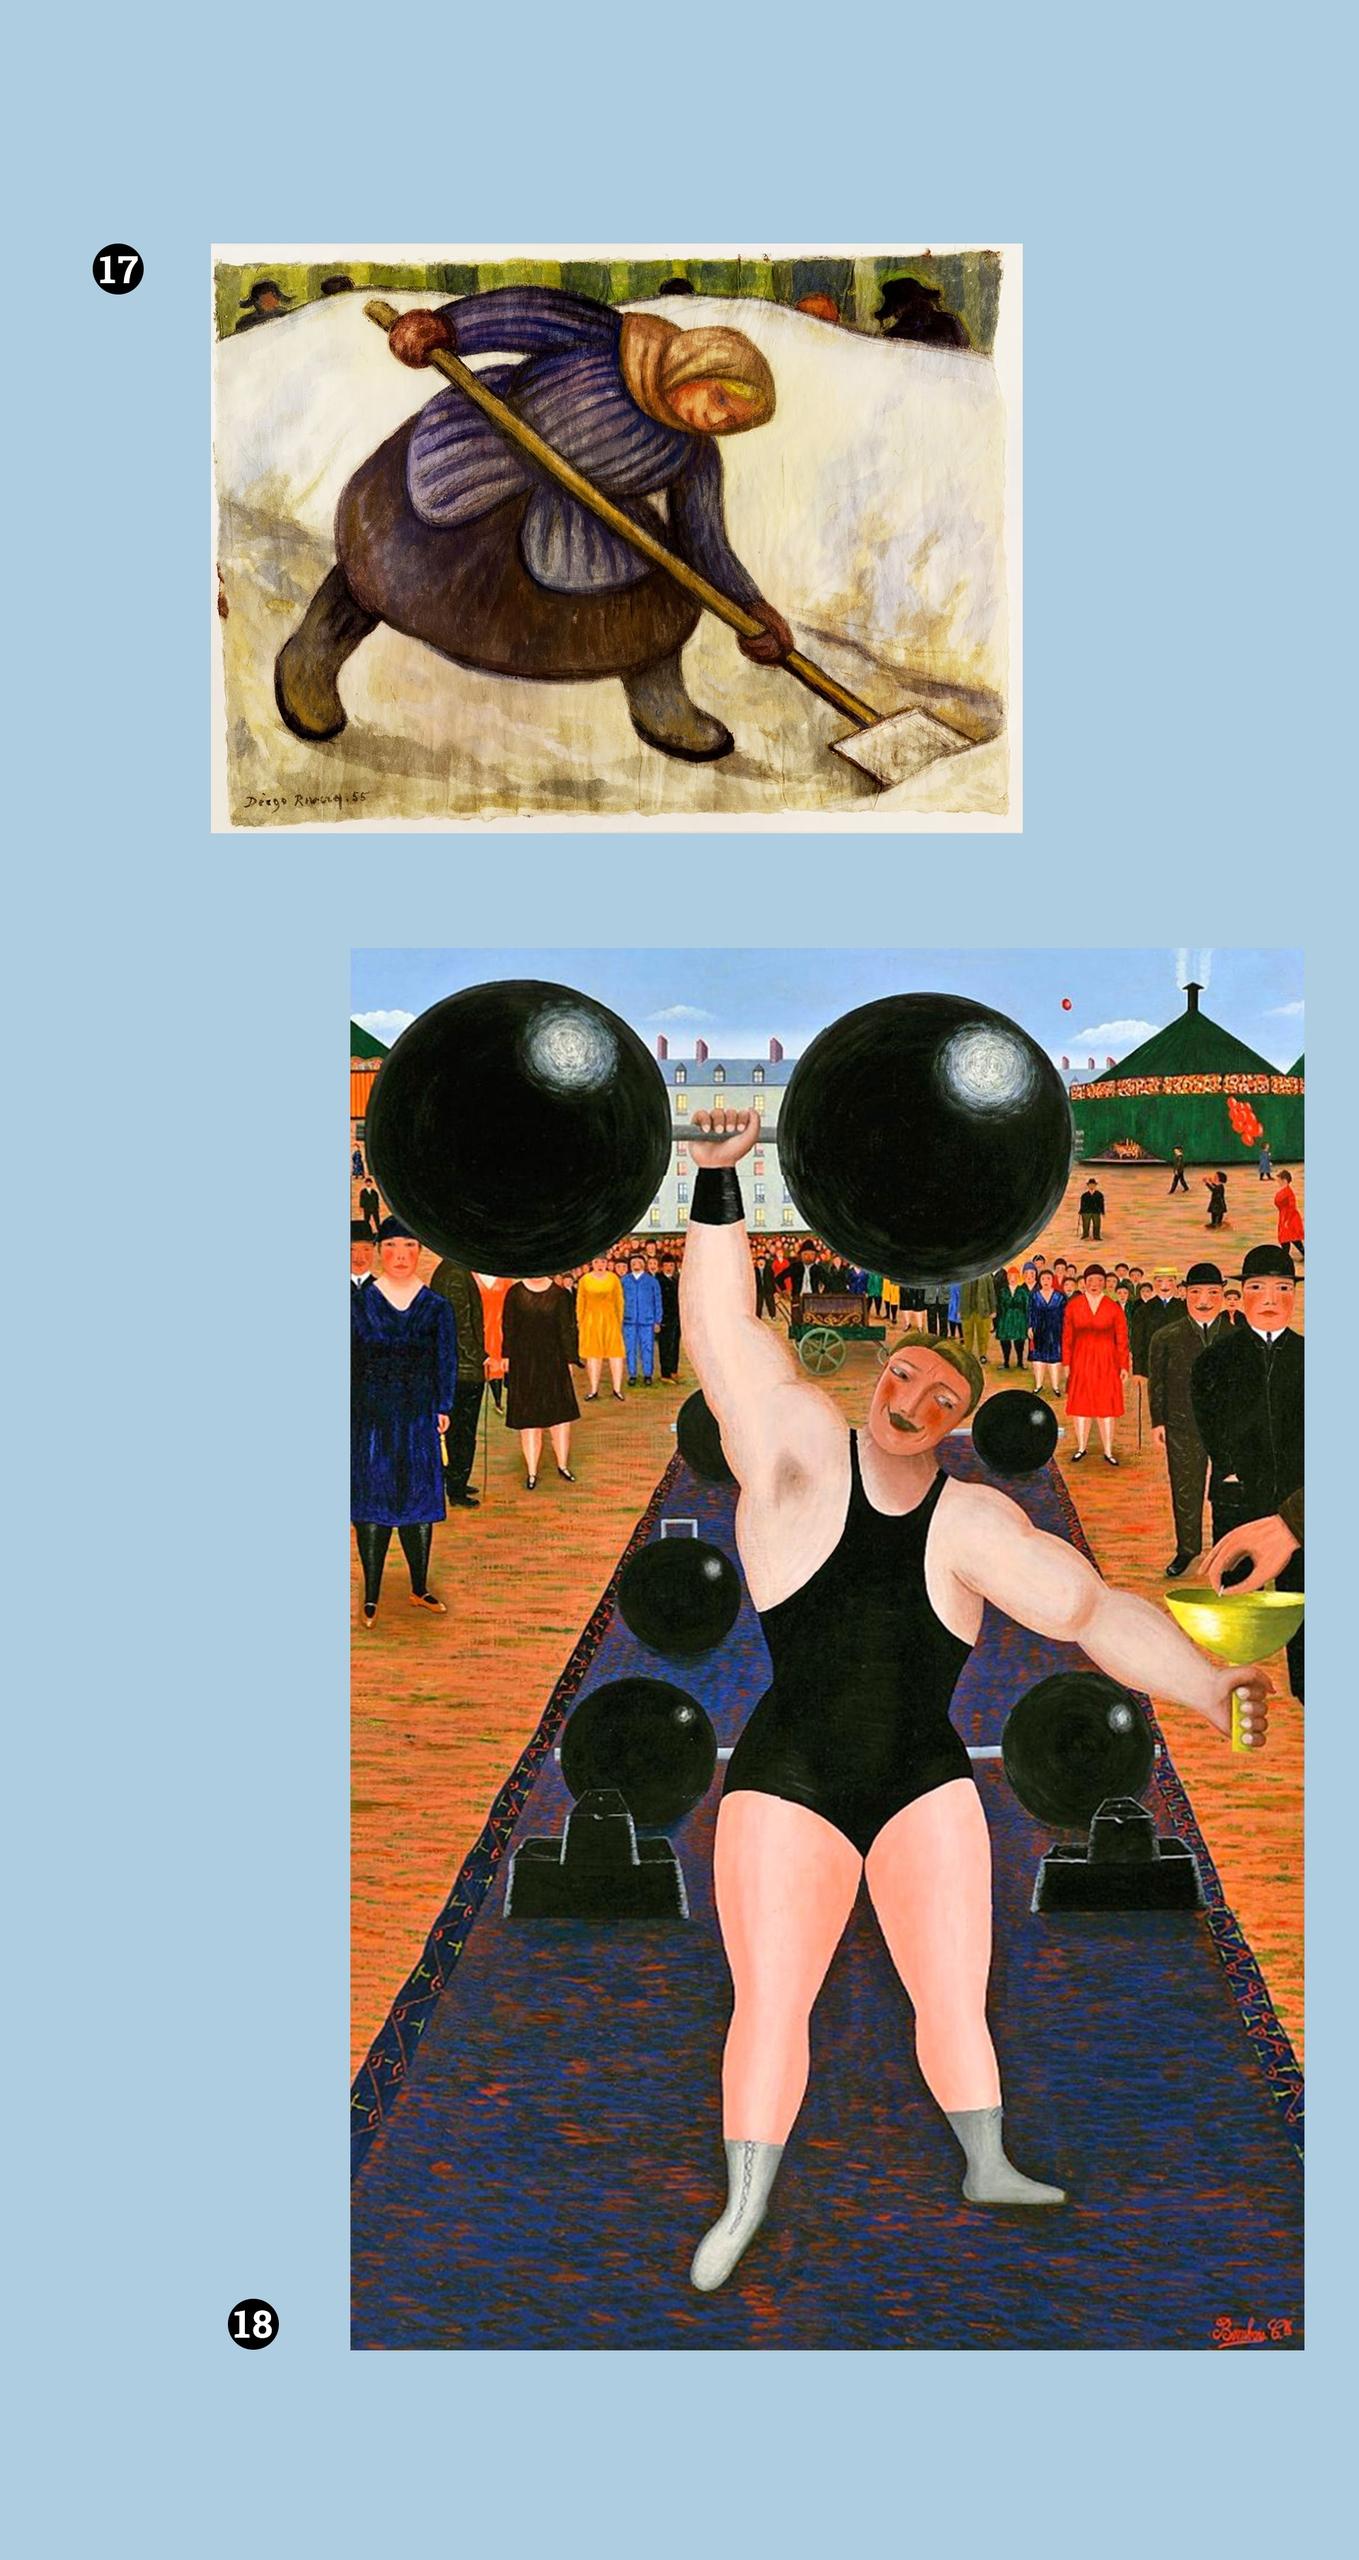 Obraz przedstawia dwa zdjęcia obrazów znanych artystów. Całość na błękitnym tle.